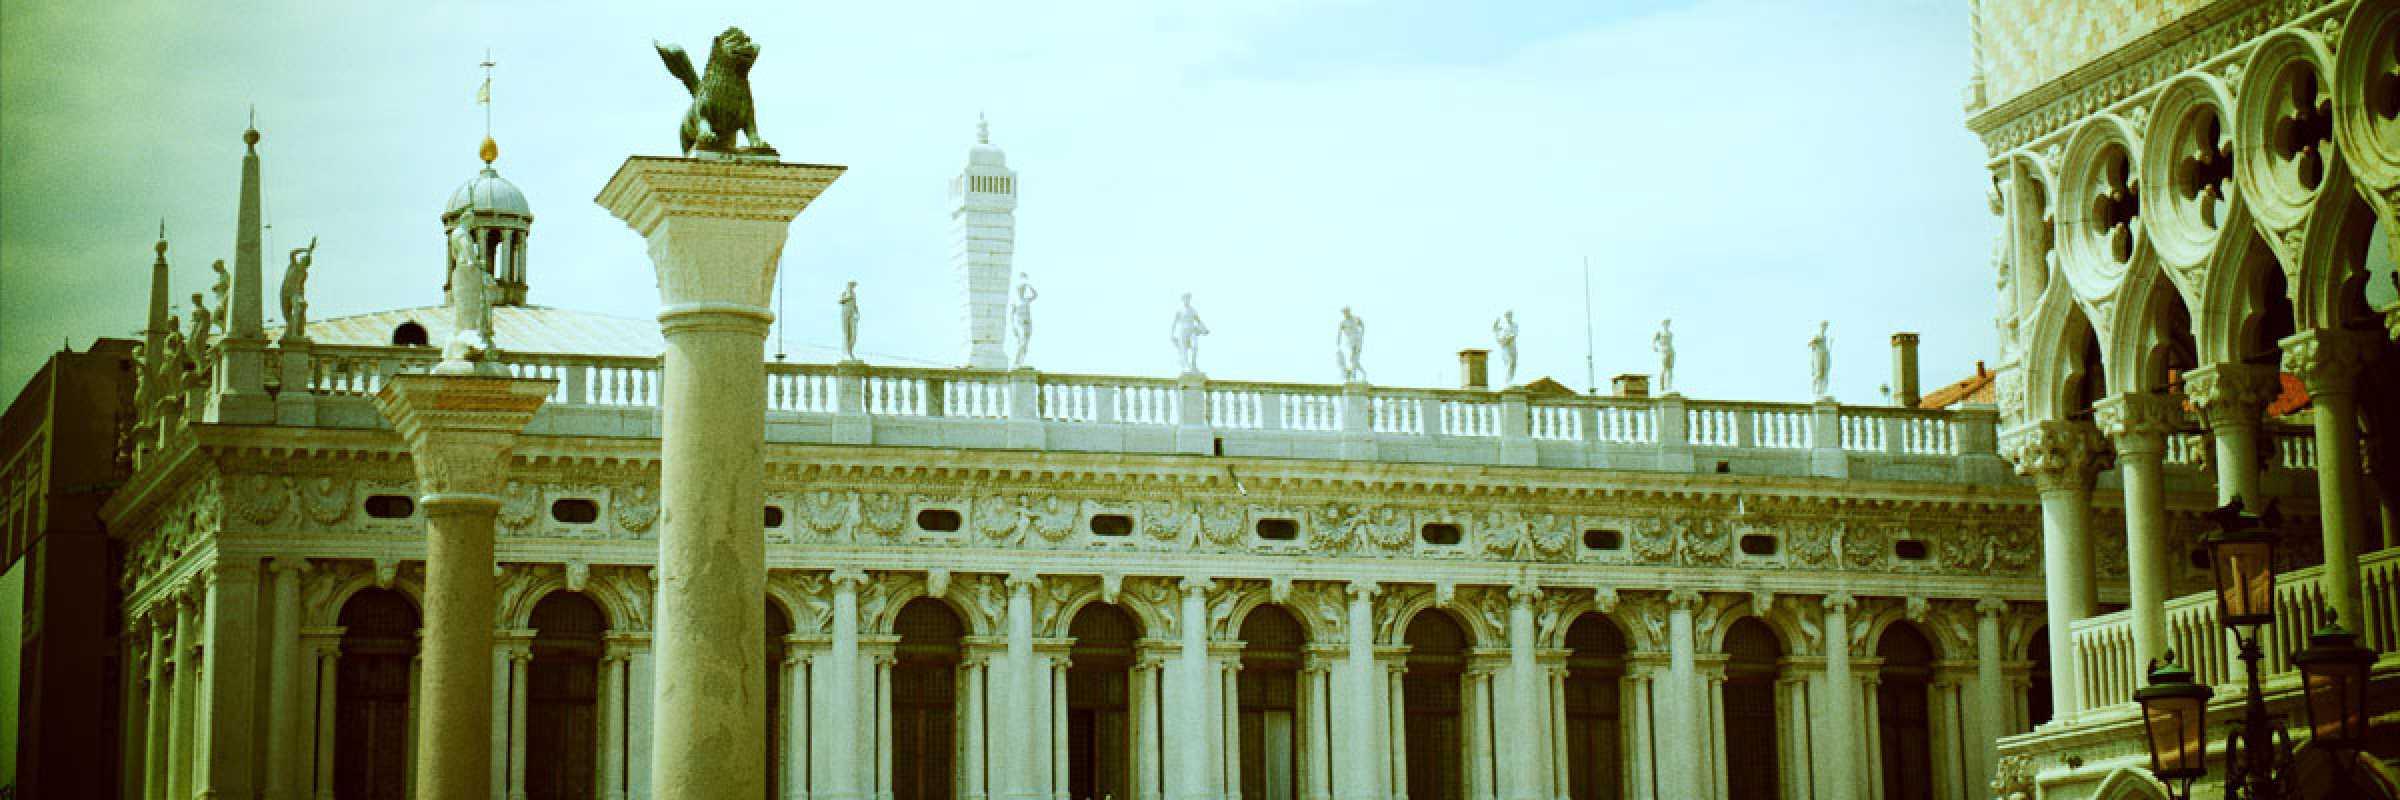 Palace of the Libreria Sansoviniana